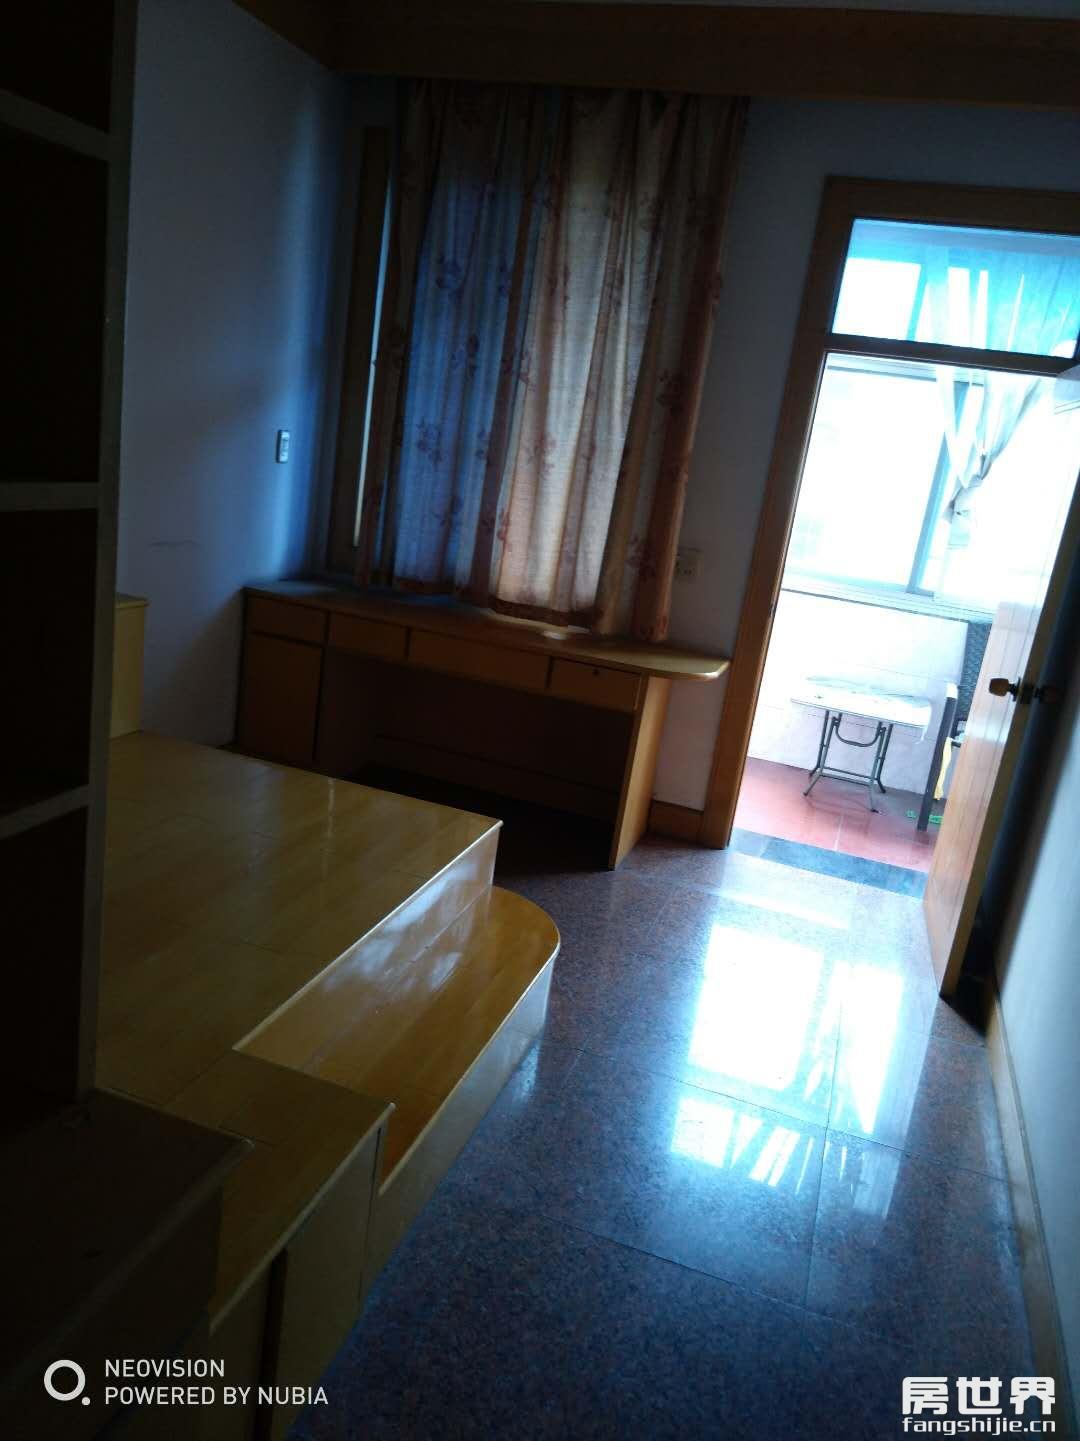 臨浦浴美施路鎮小學區、小面積簡裝、邊套樓層佳、誠心出售